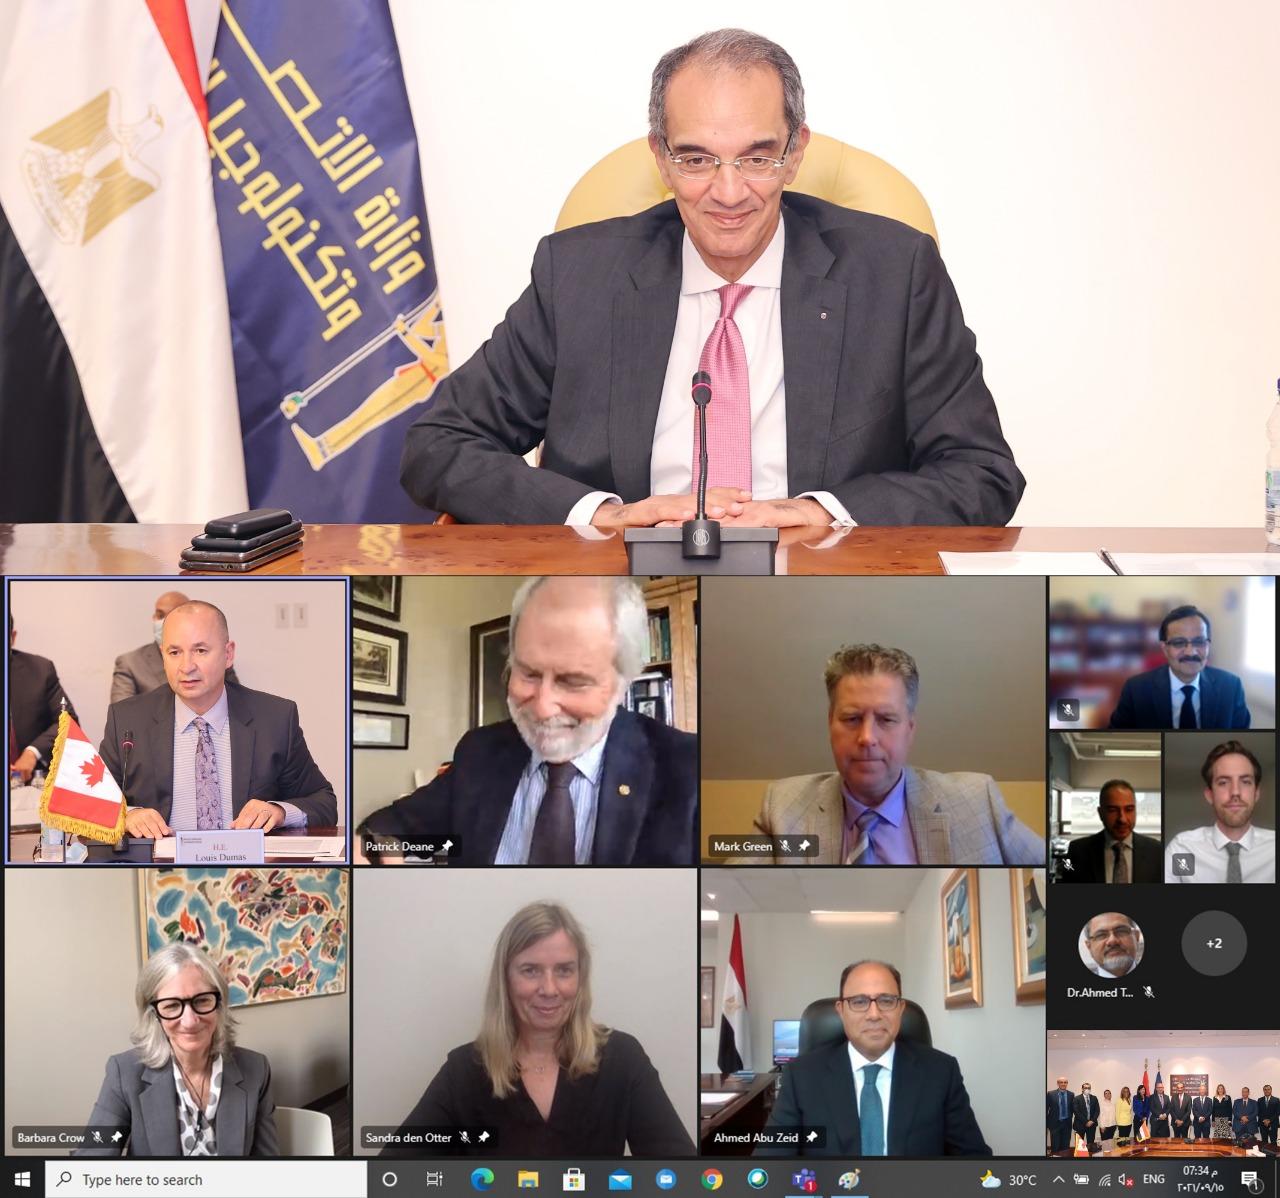 وزير الاتصالات عمرو طلعت يشهد توقيع اتفاقية مع أكبر جامعة كندية عبر الفيديو كونفرنس